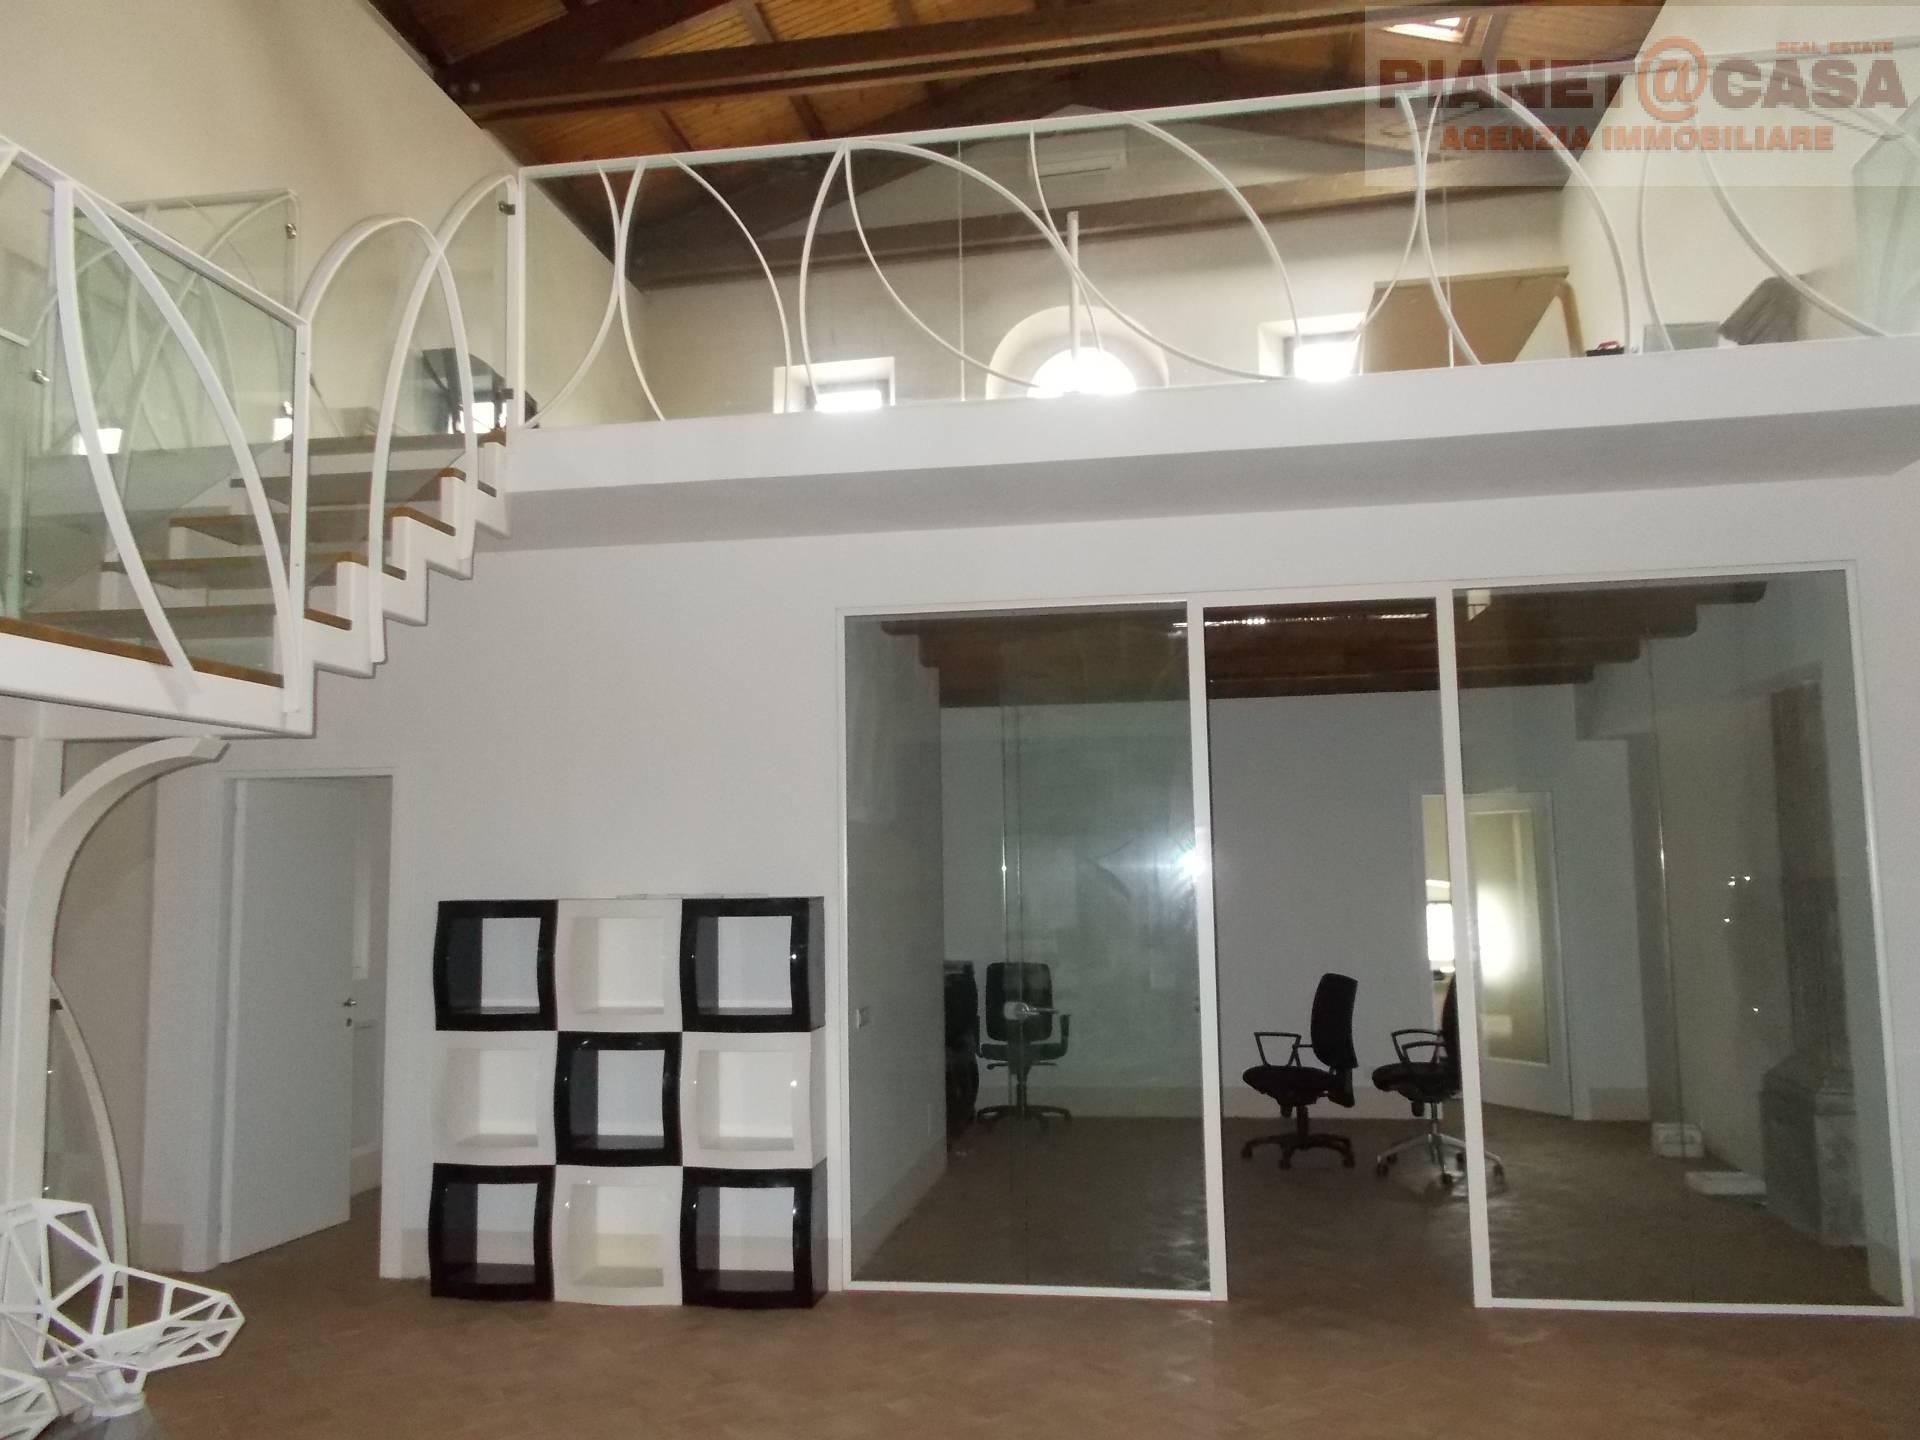 Appartamento in affitto a Ascoli Piceno, 5 locali, zona Località: CENTRO, prezzo € 1.450 | Cambio Casa.it